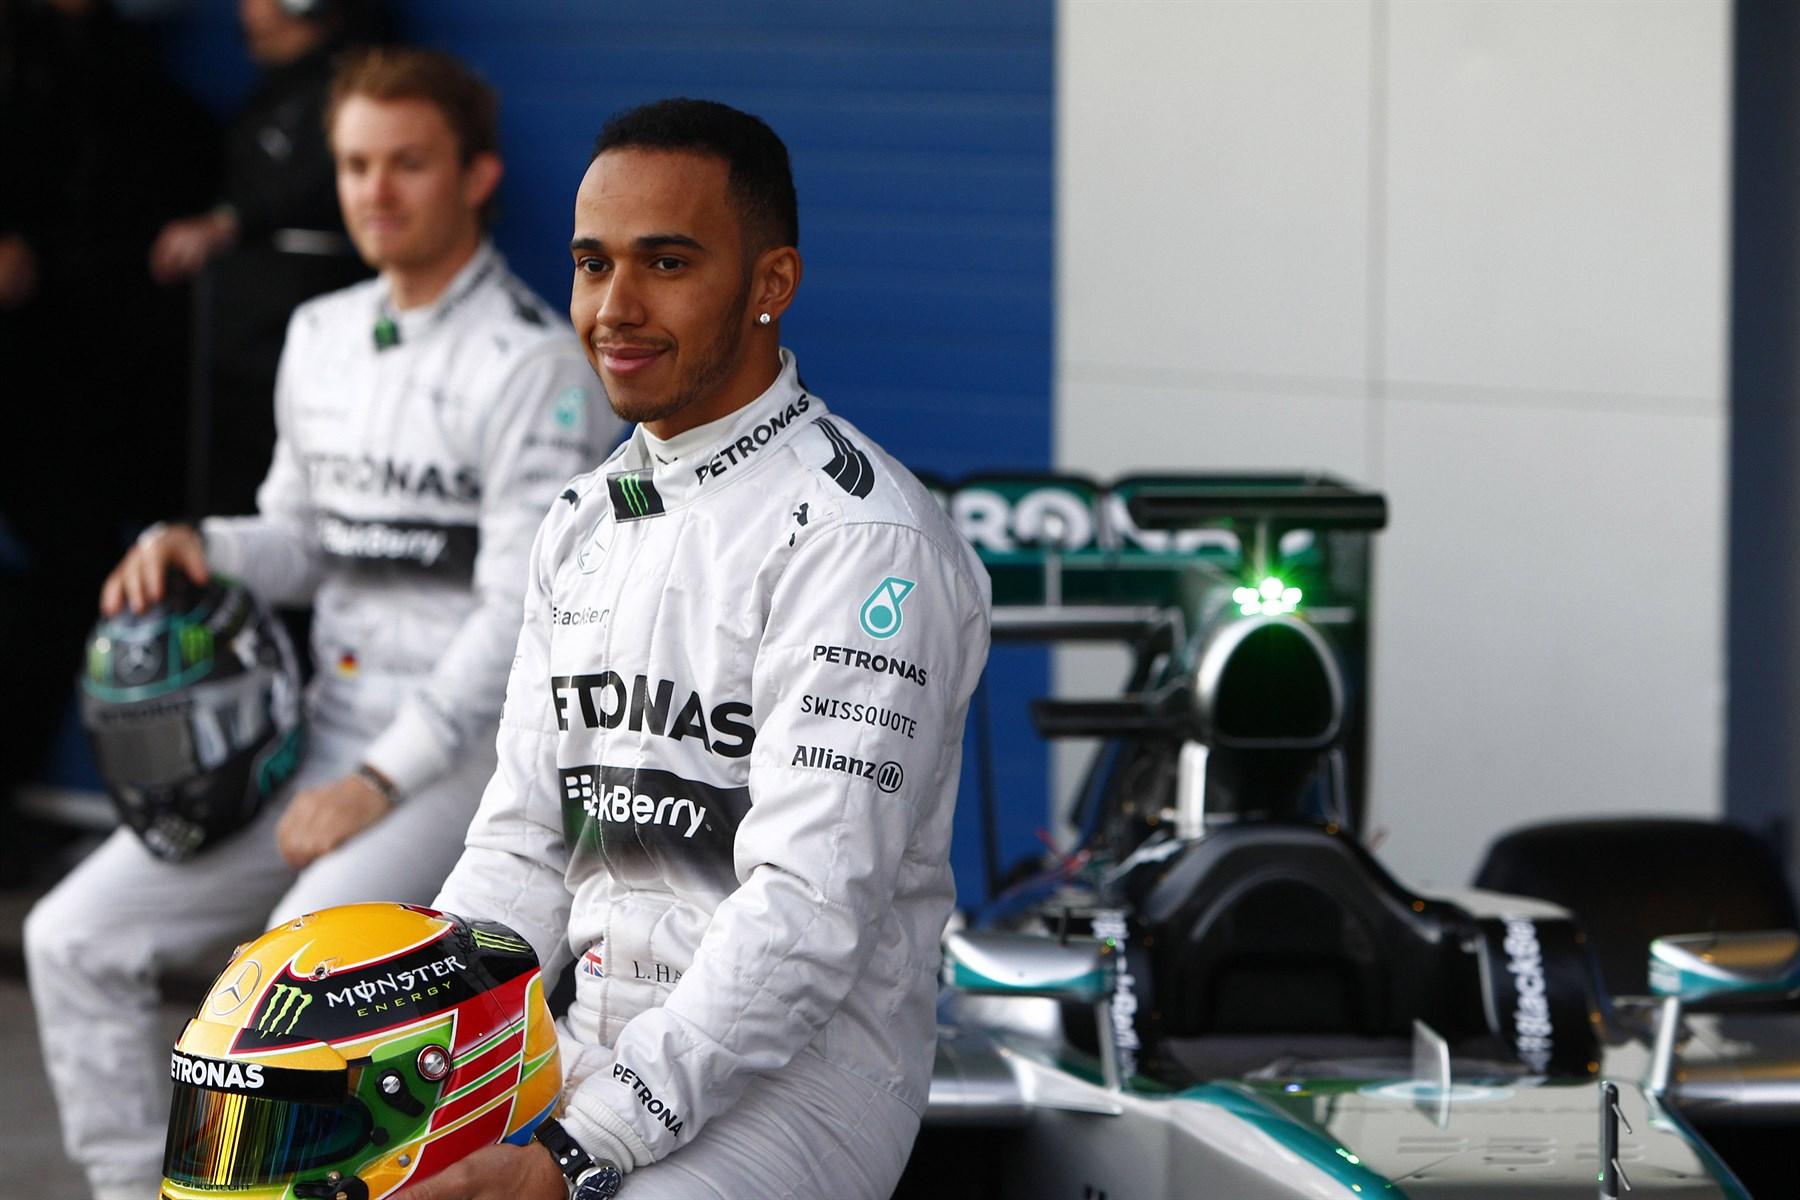 Hamilton and Rosberg - Mercedes F1